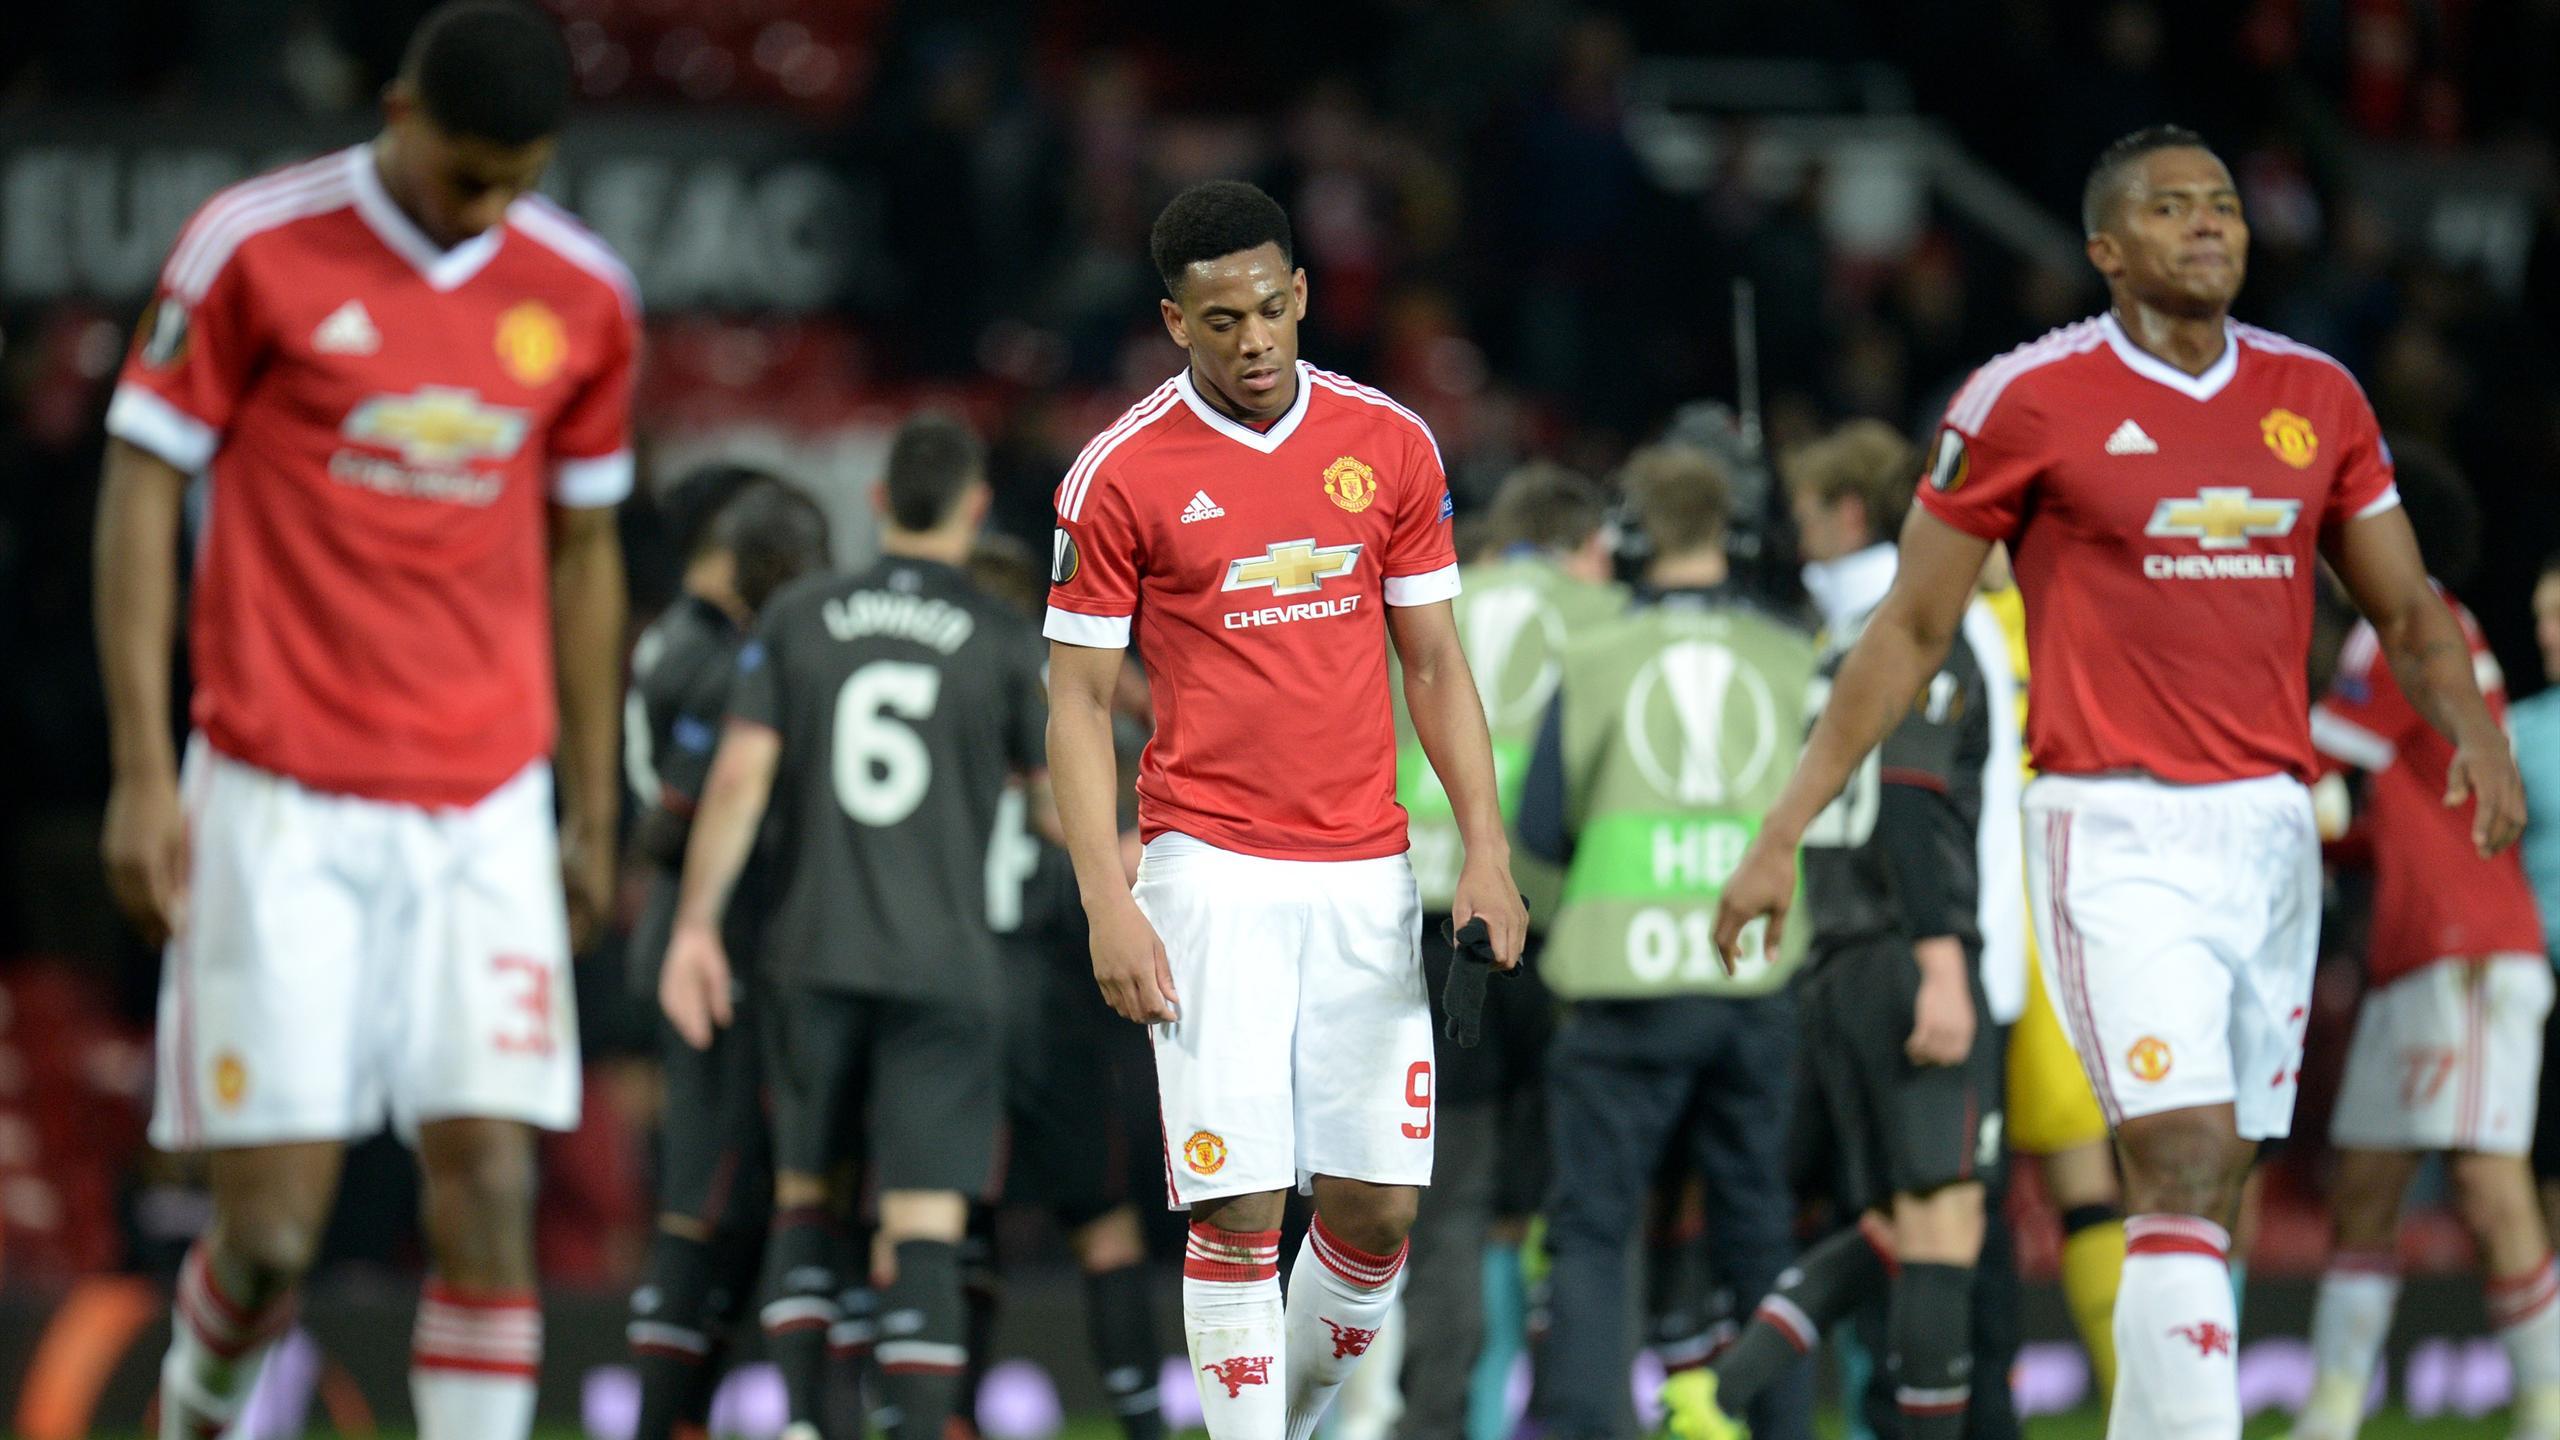 Les joueurs de Manchester United